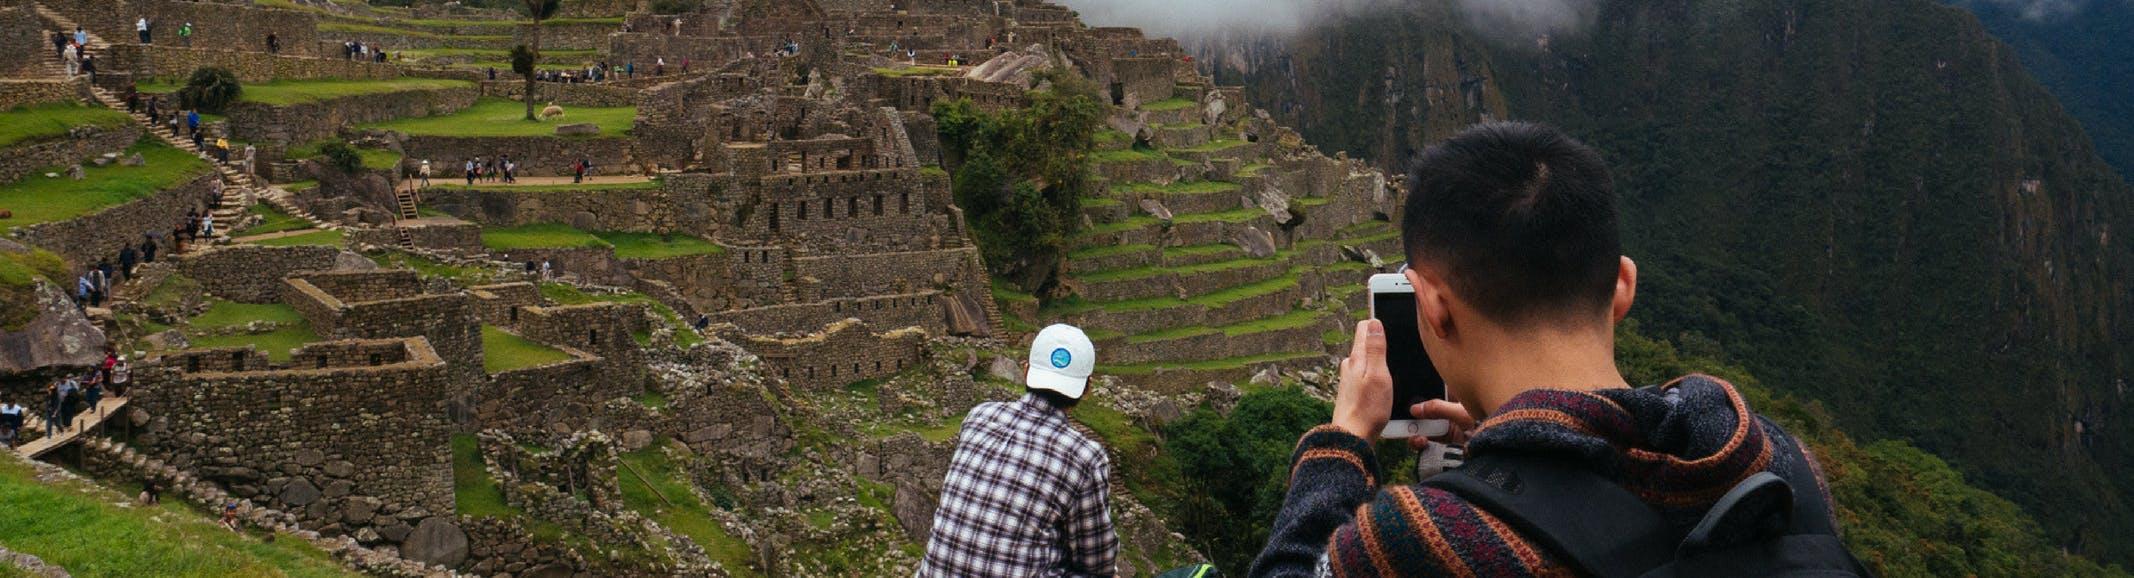 Sustainable Tourism & Hospitality Internships Abroad